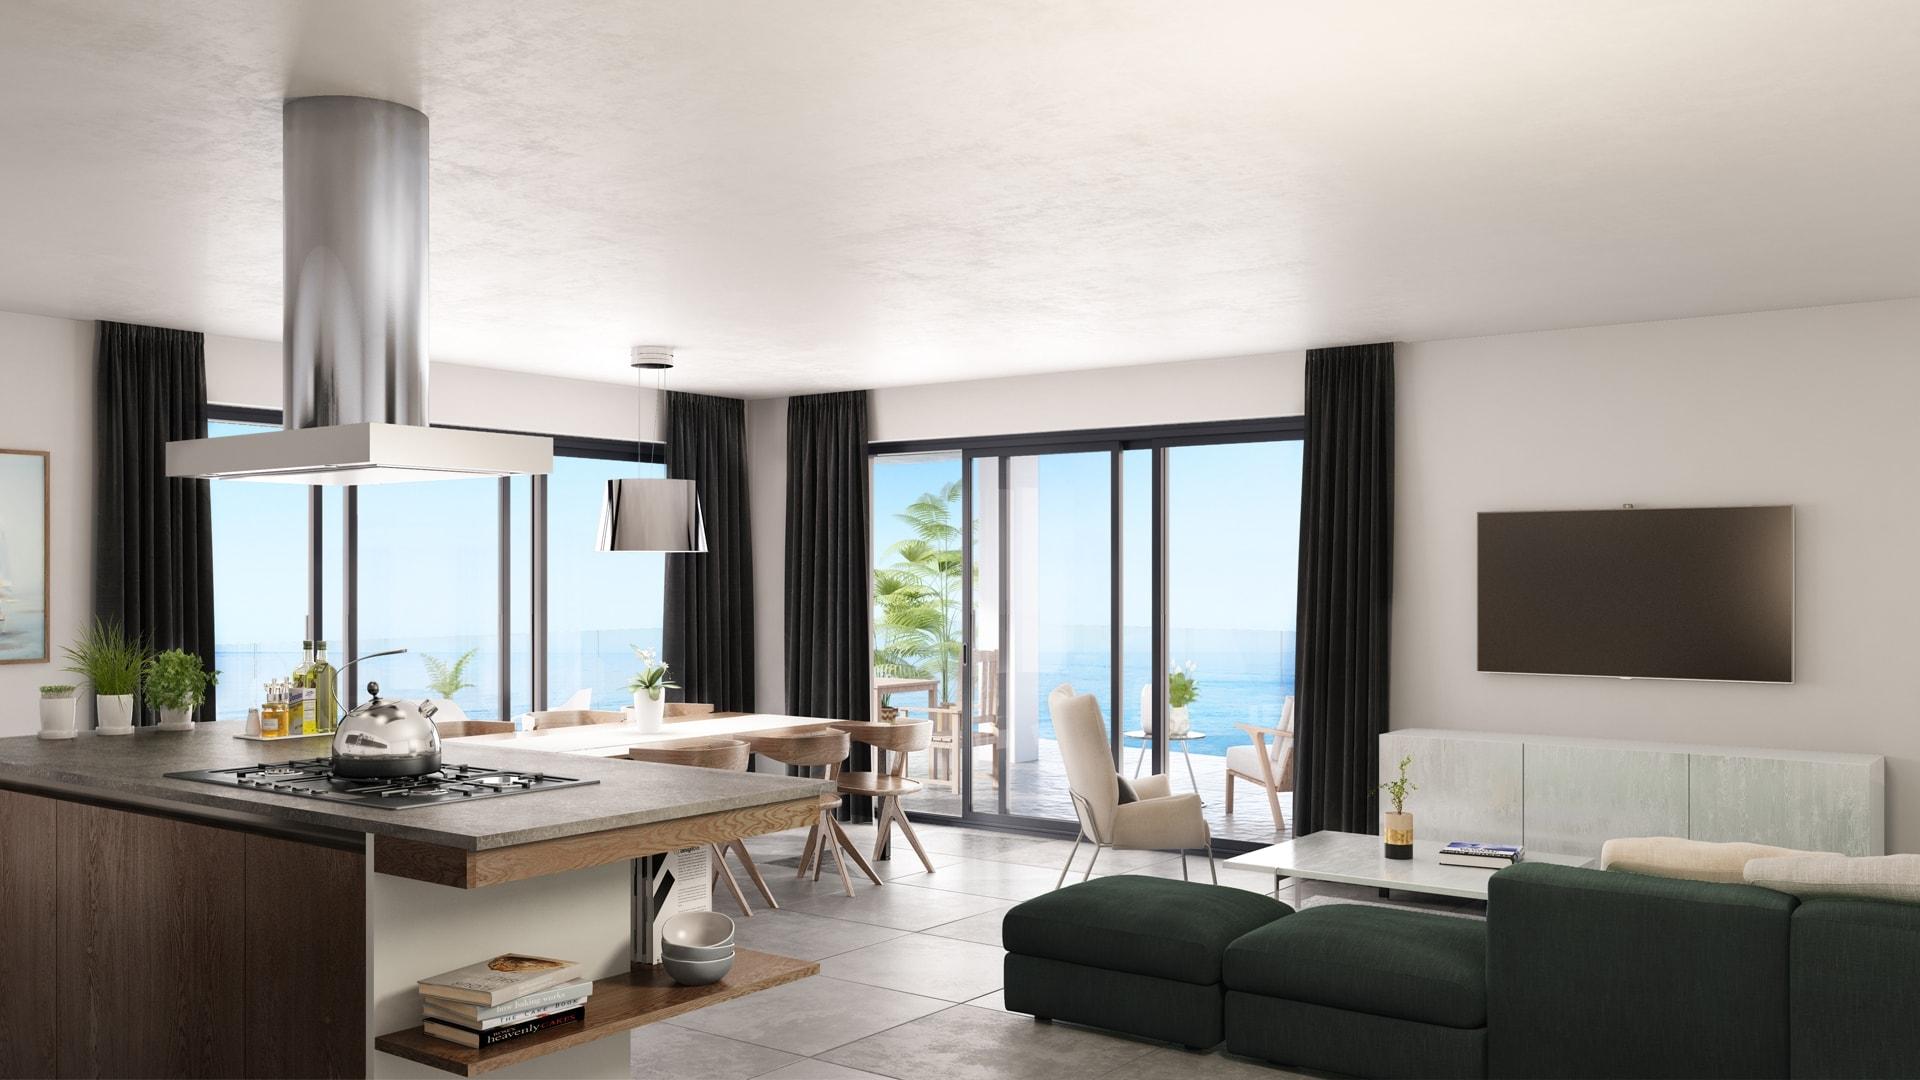 D Living De terracos de quarteira programme immobilier neuf à quarteira